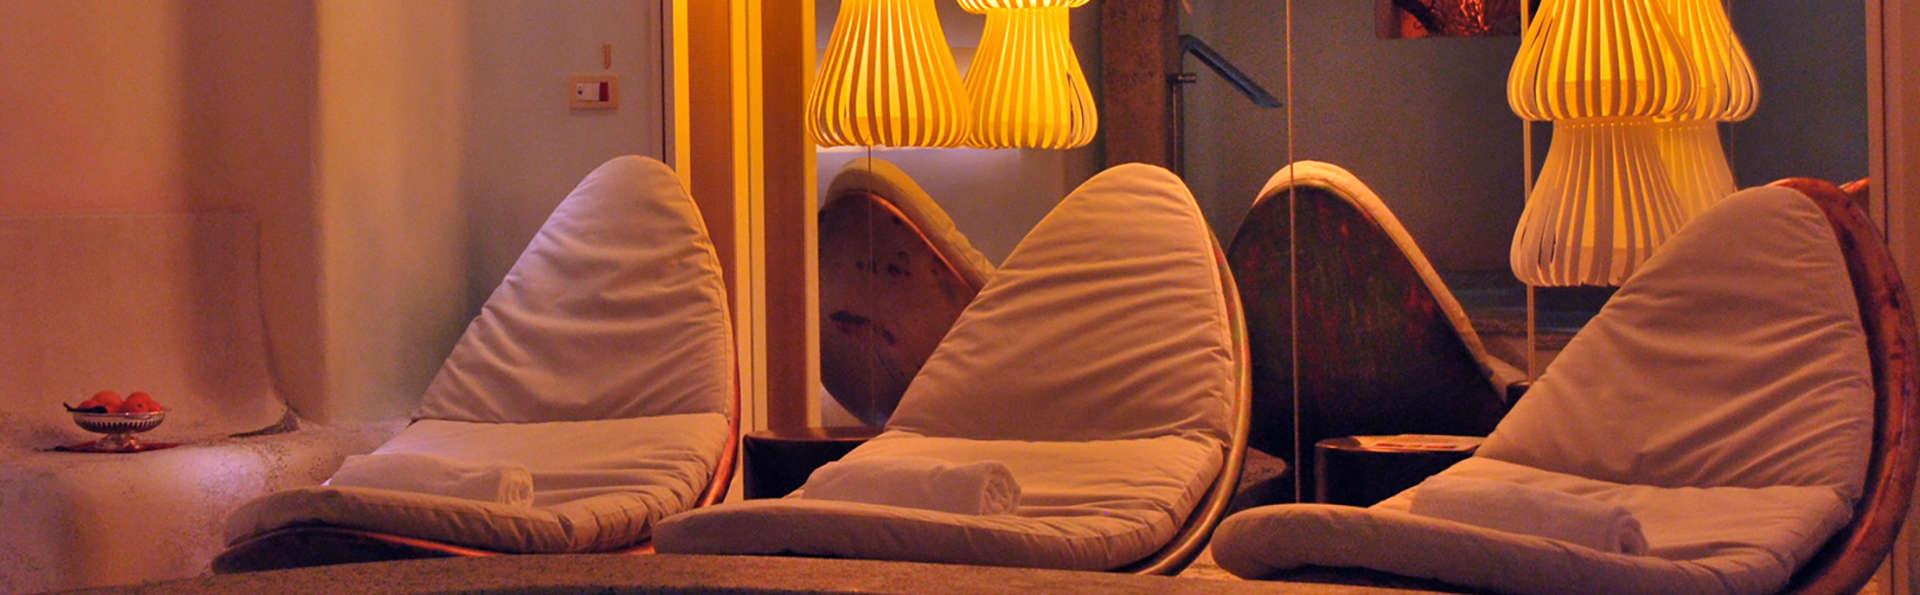 Détente et bien-être à Gênes, dans un élégant hôtel situé au centre-ville, avec massages inclus